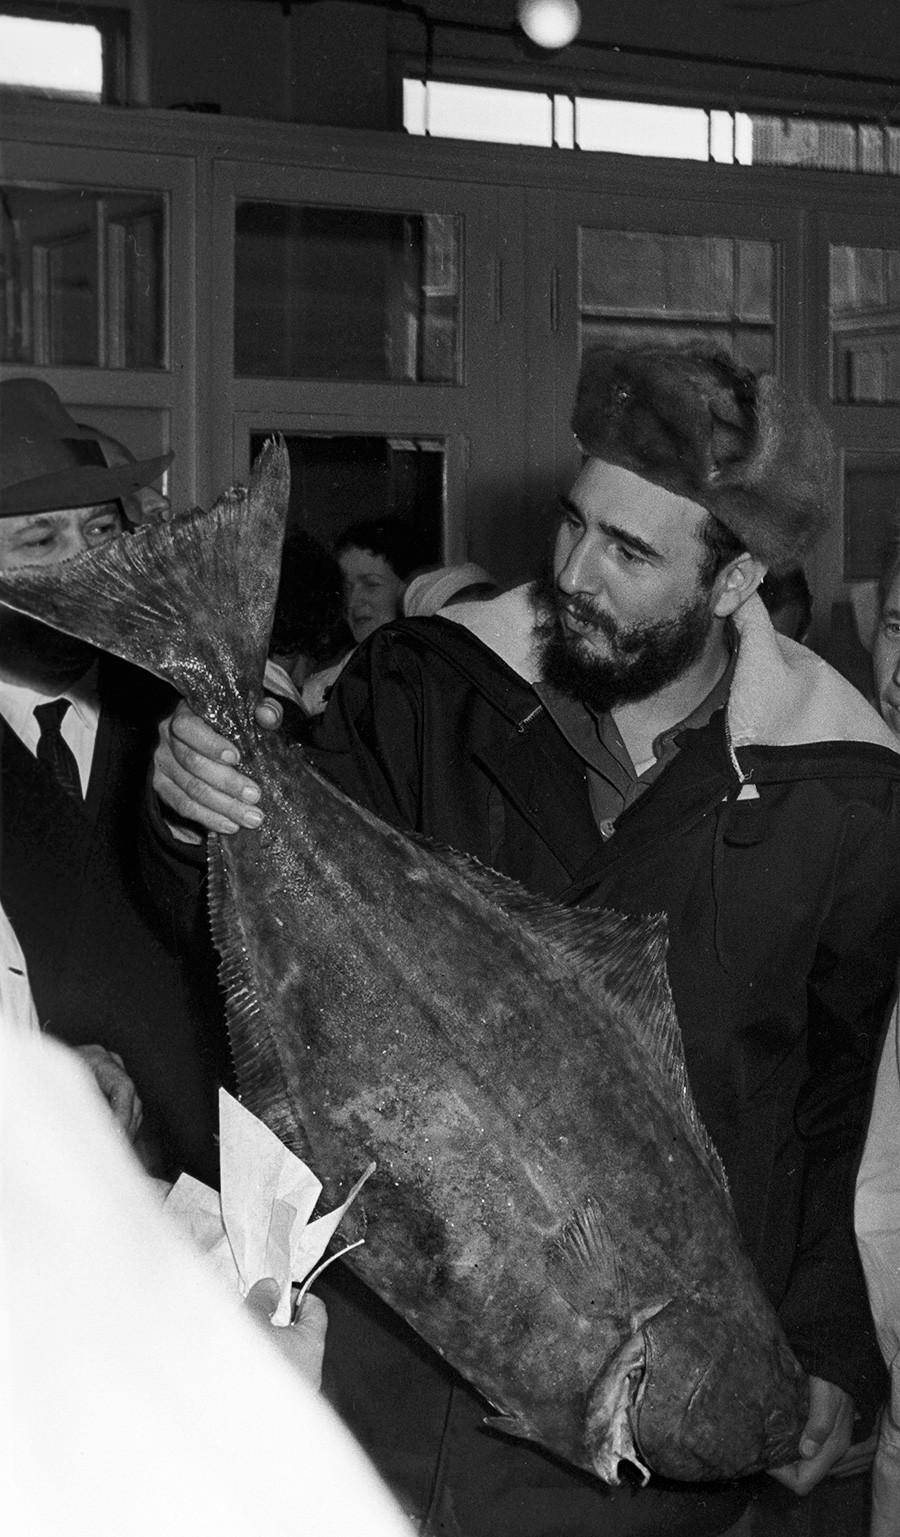 Фидель Кастро на рыбном заводе в Мурманске, СССР